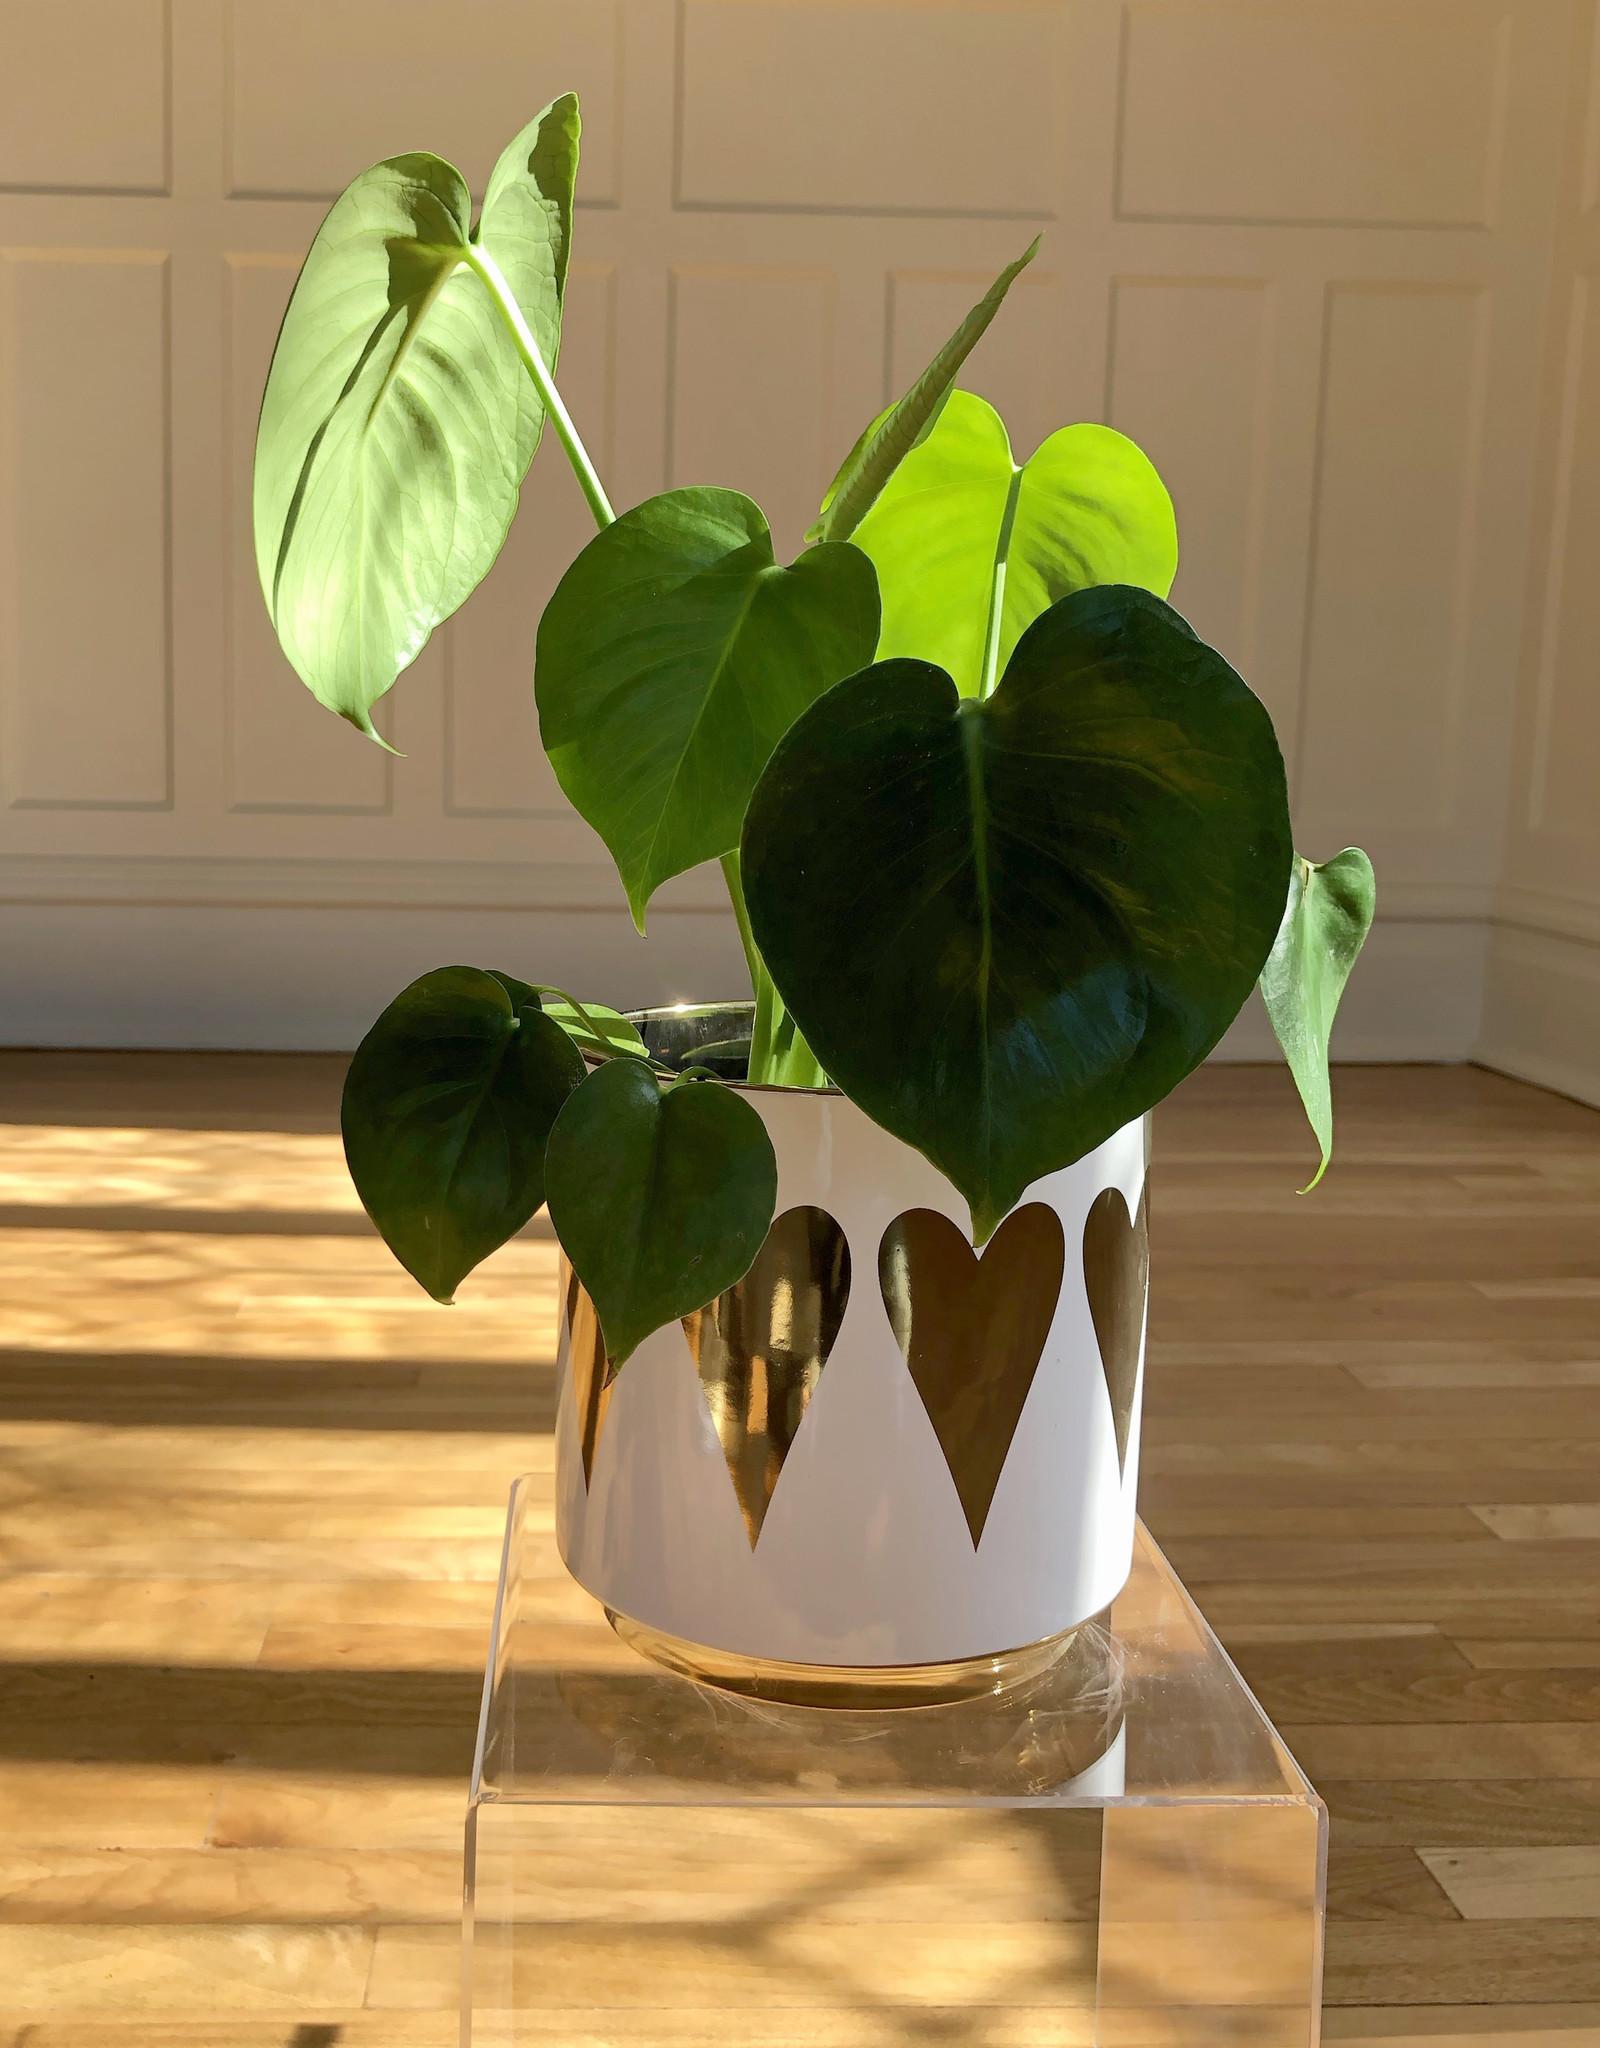 Curio Philodendron 'Monstera deliciosa'in Gold Heart Pot